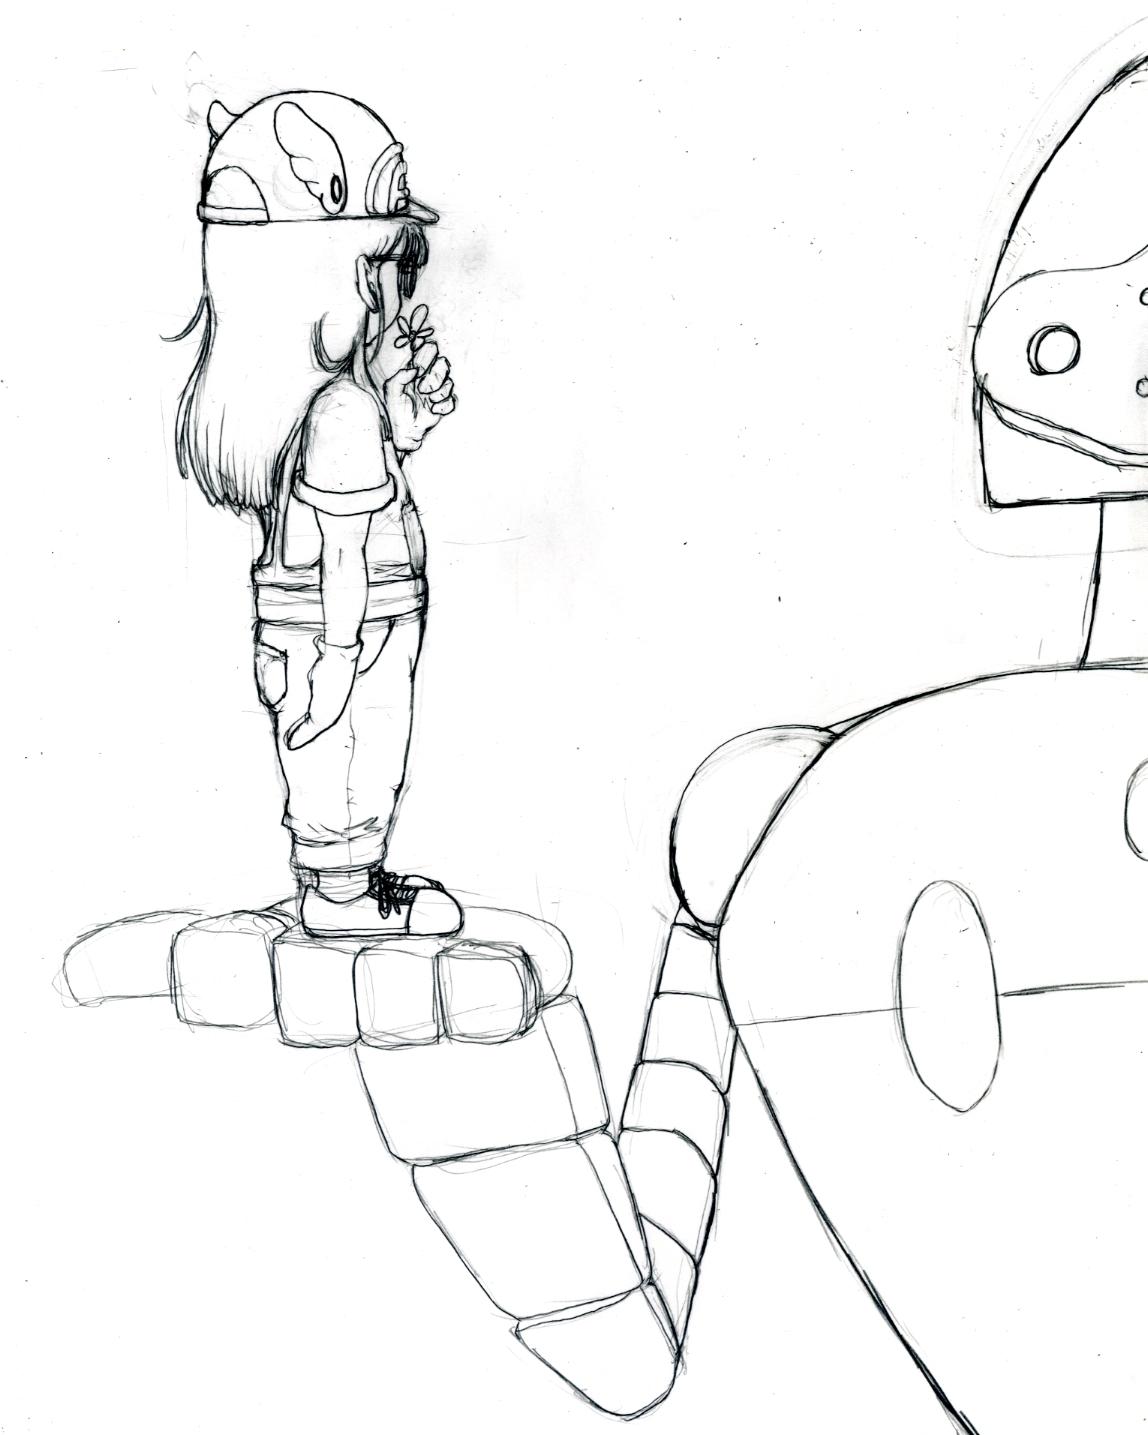 ロボット達